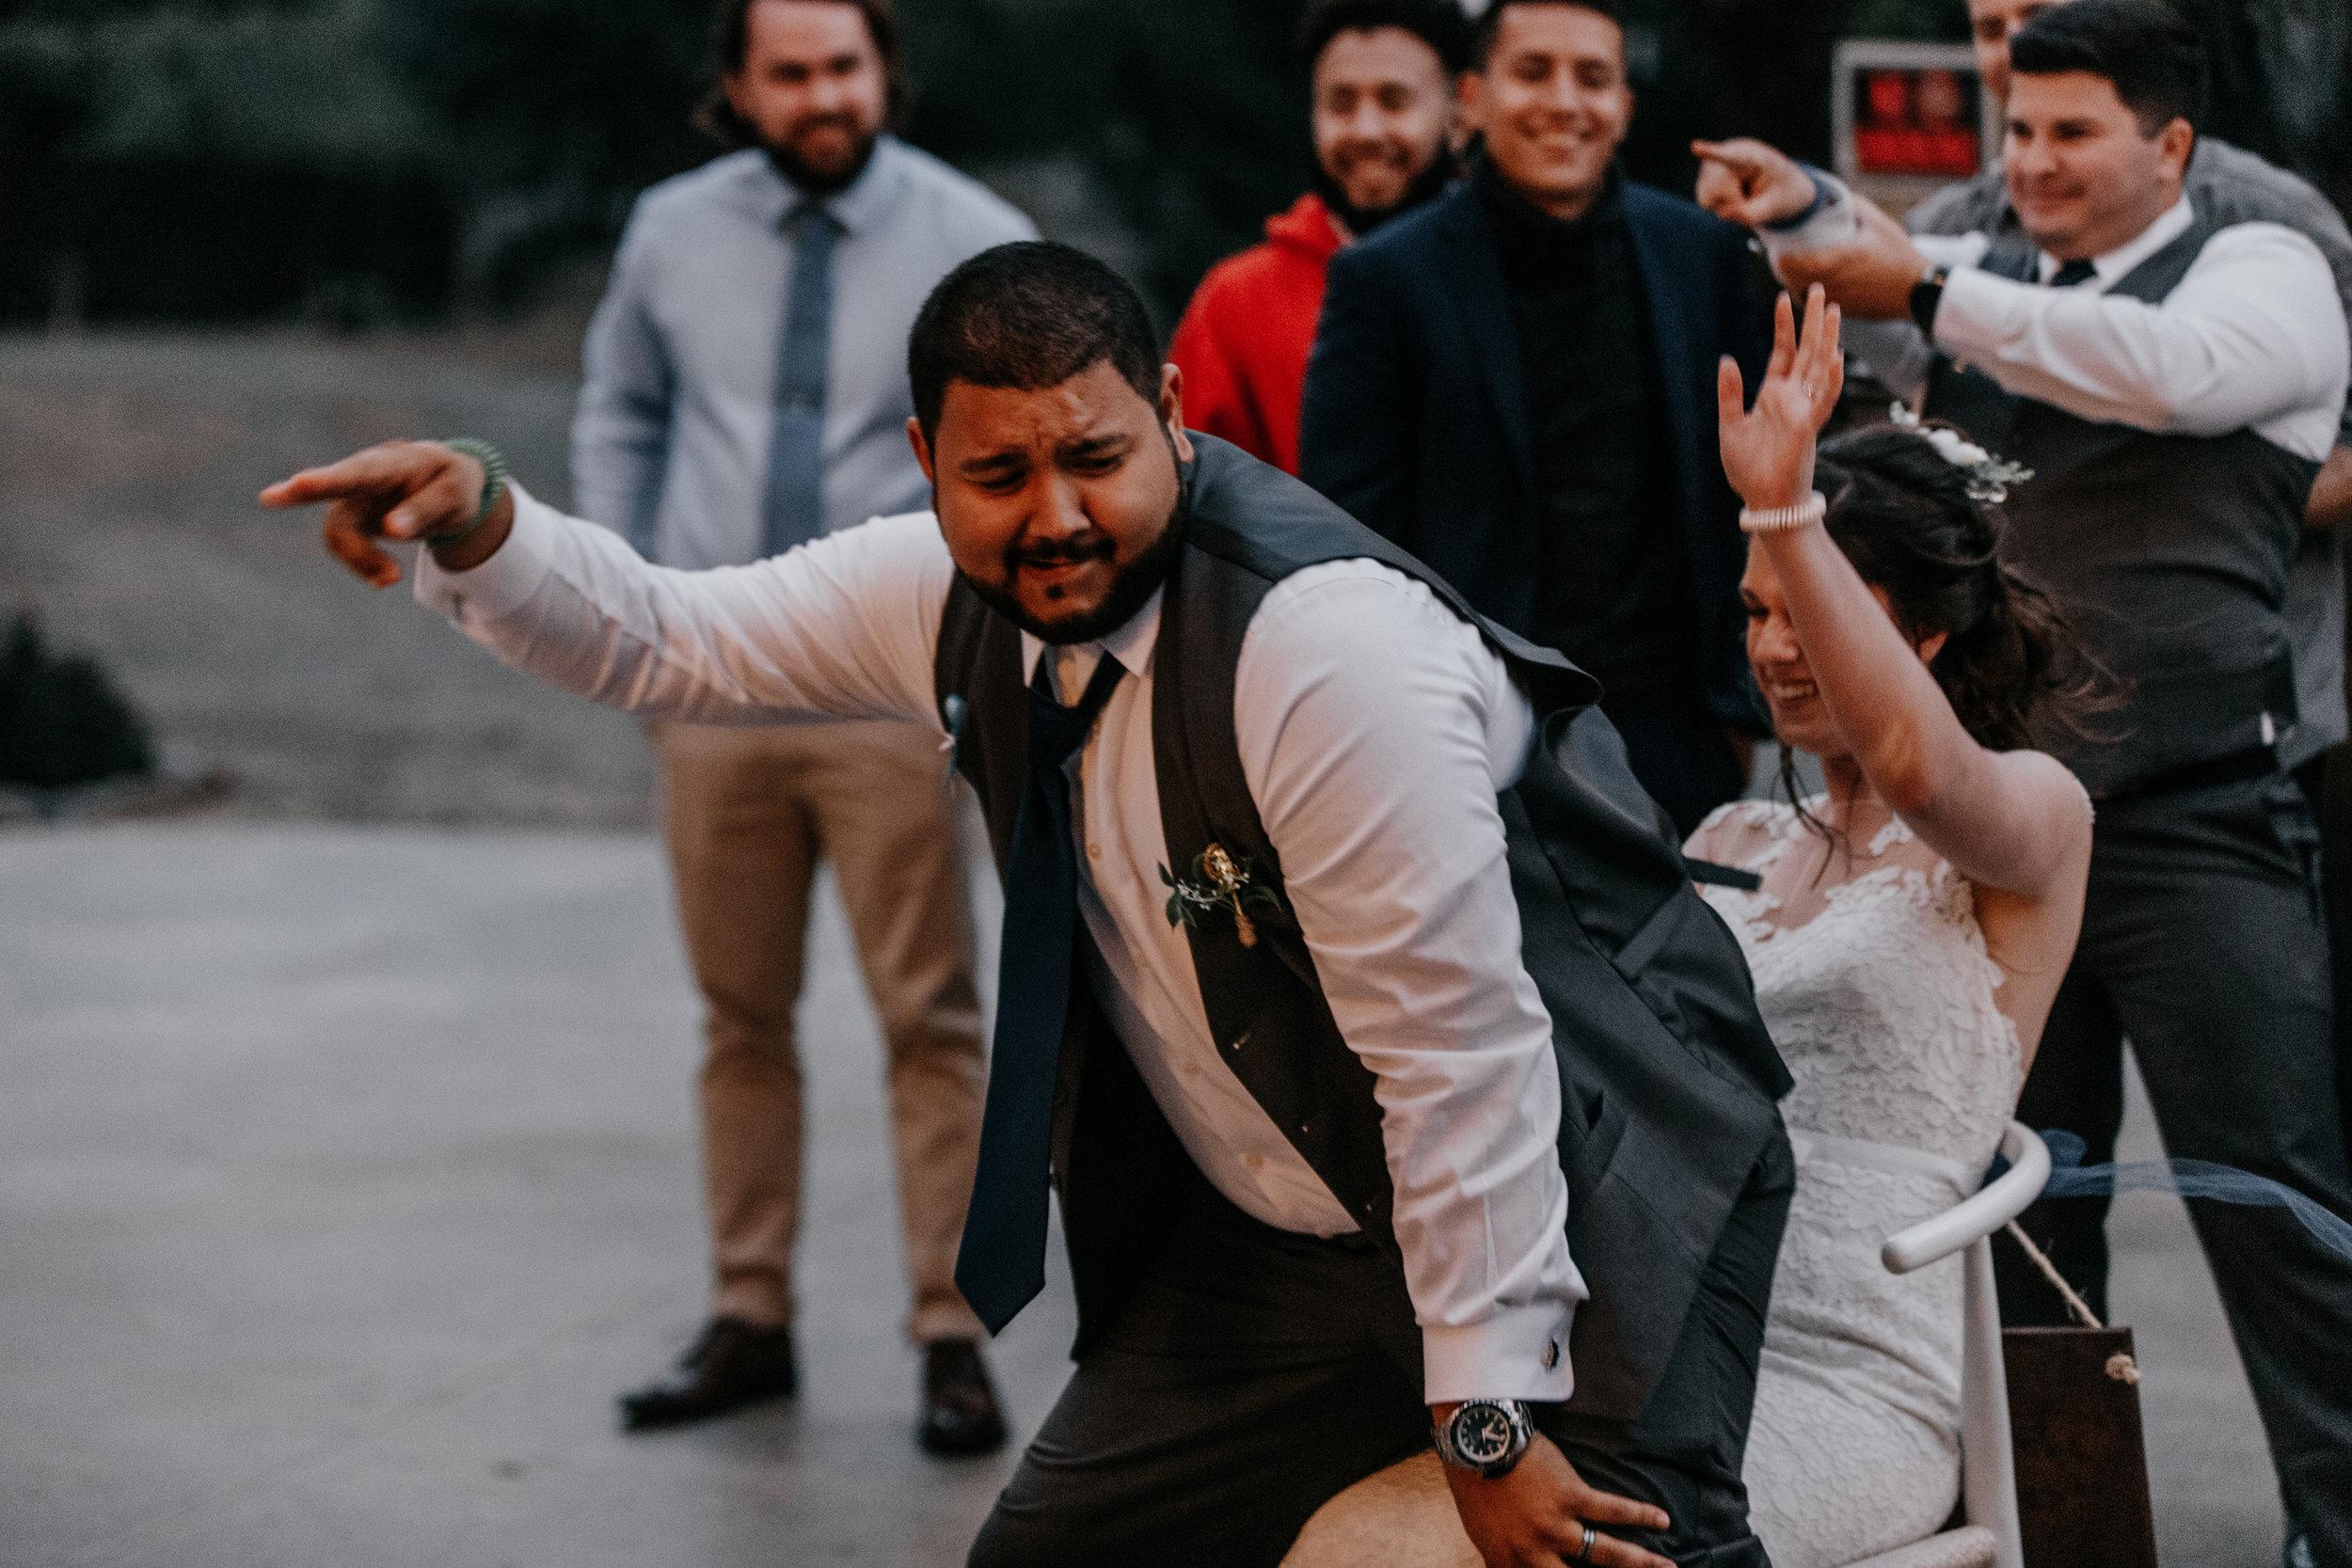 BestweddingbloginSanDiego.jpg